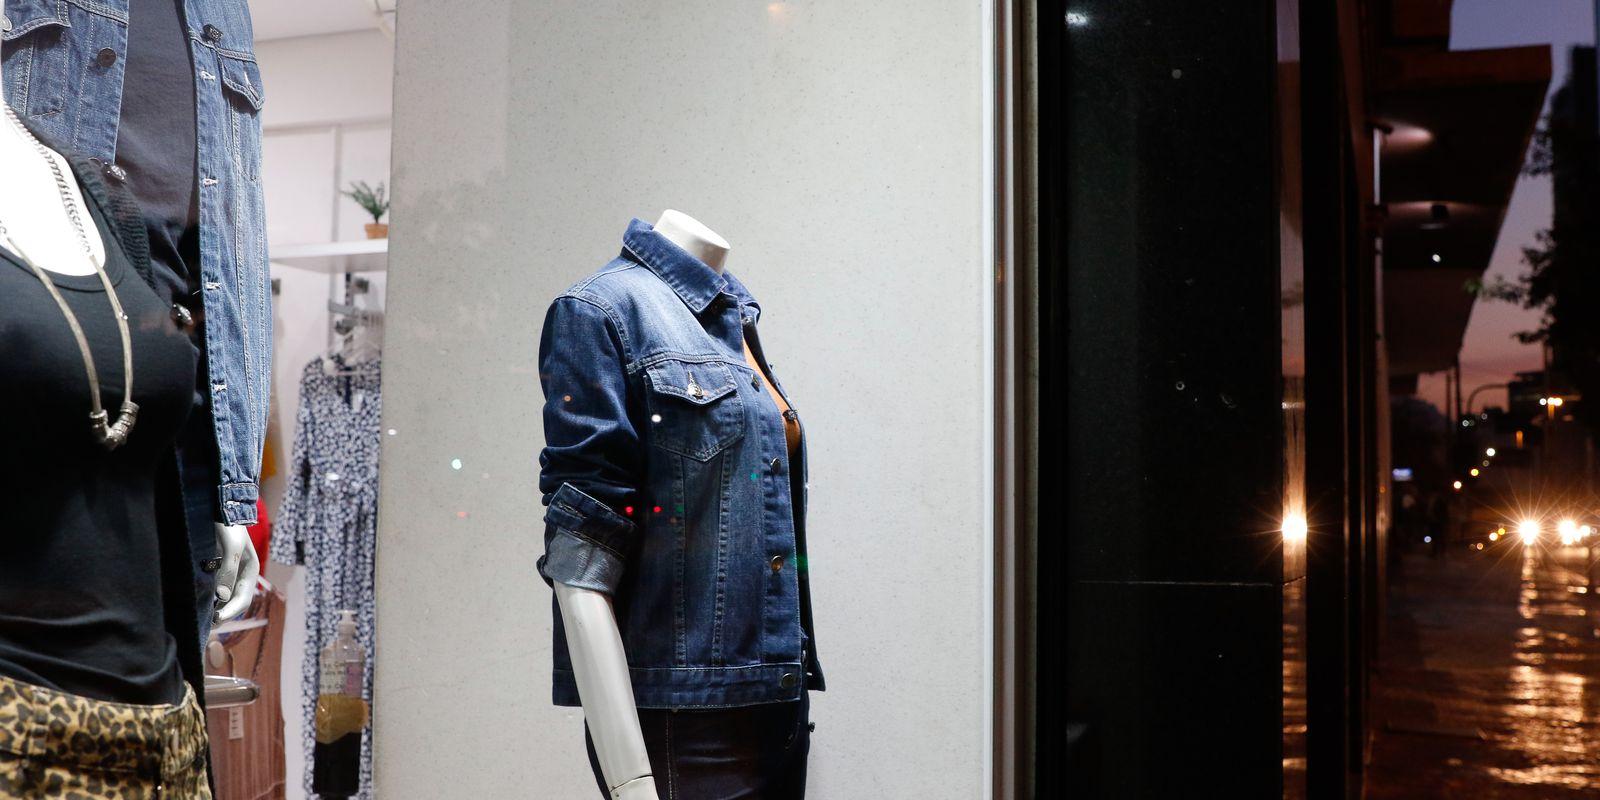 Vitrine de roupas em loja de rua, comércio no Centro do Rio